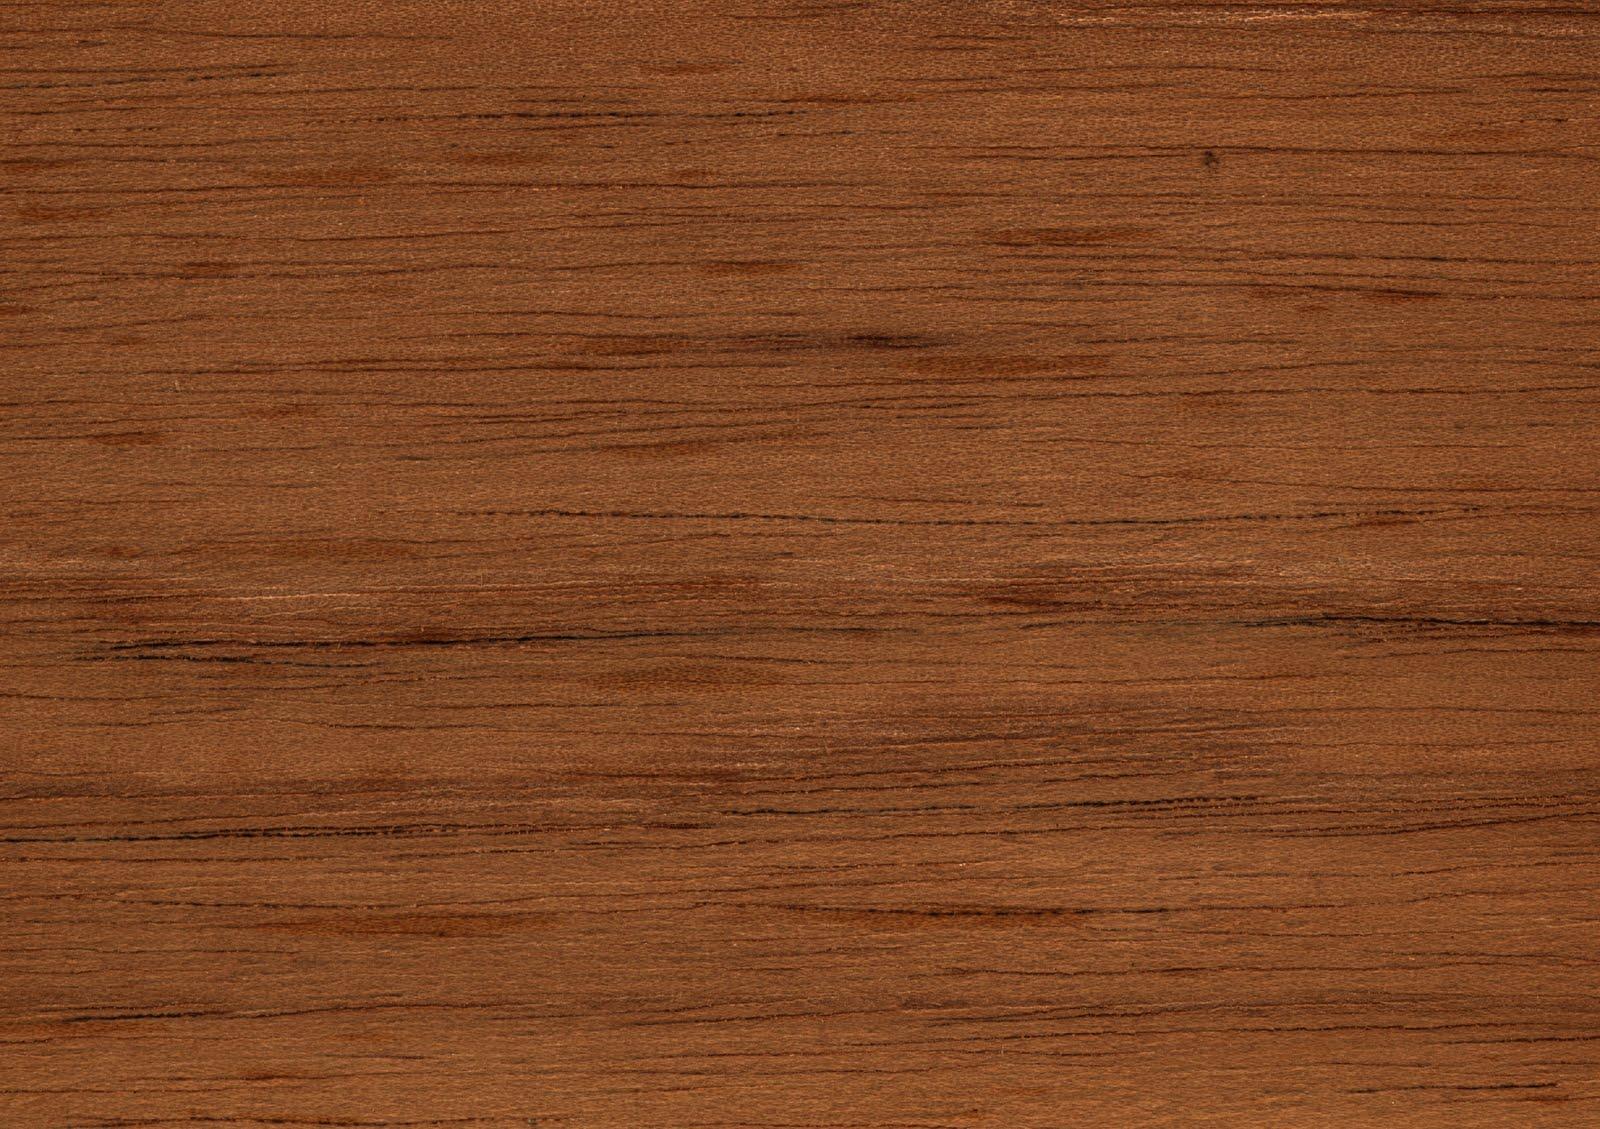 Image gallery madera cedro for Imagenes de escaleras de madera